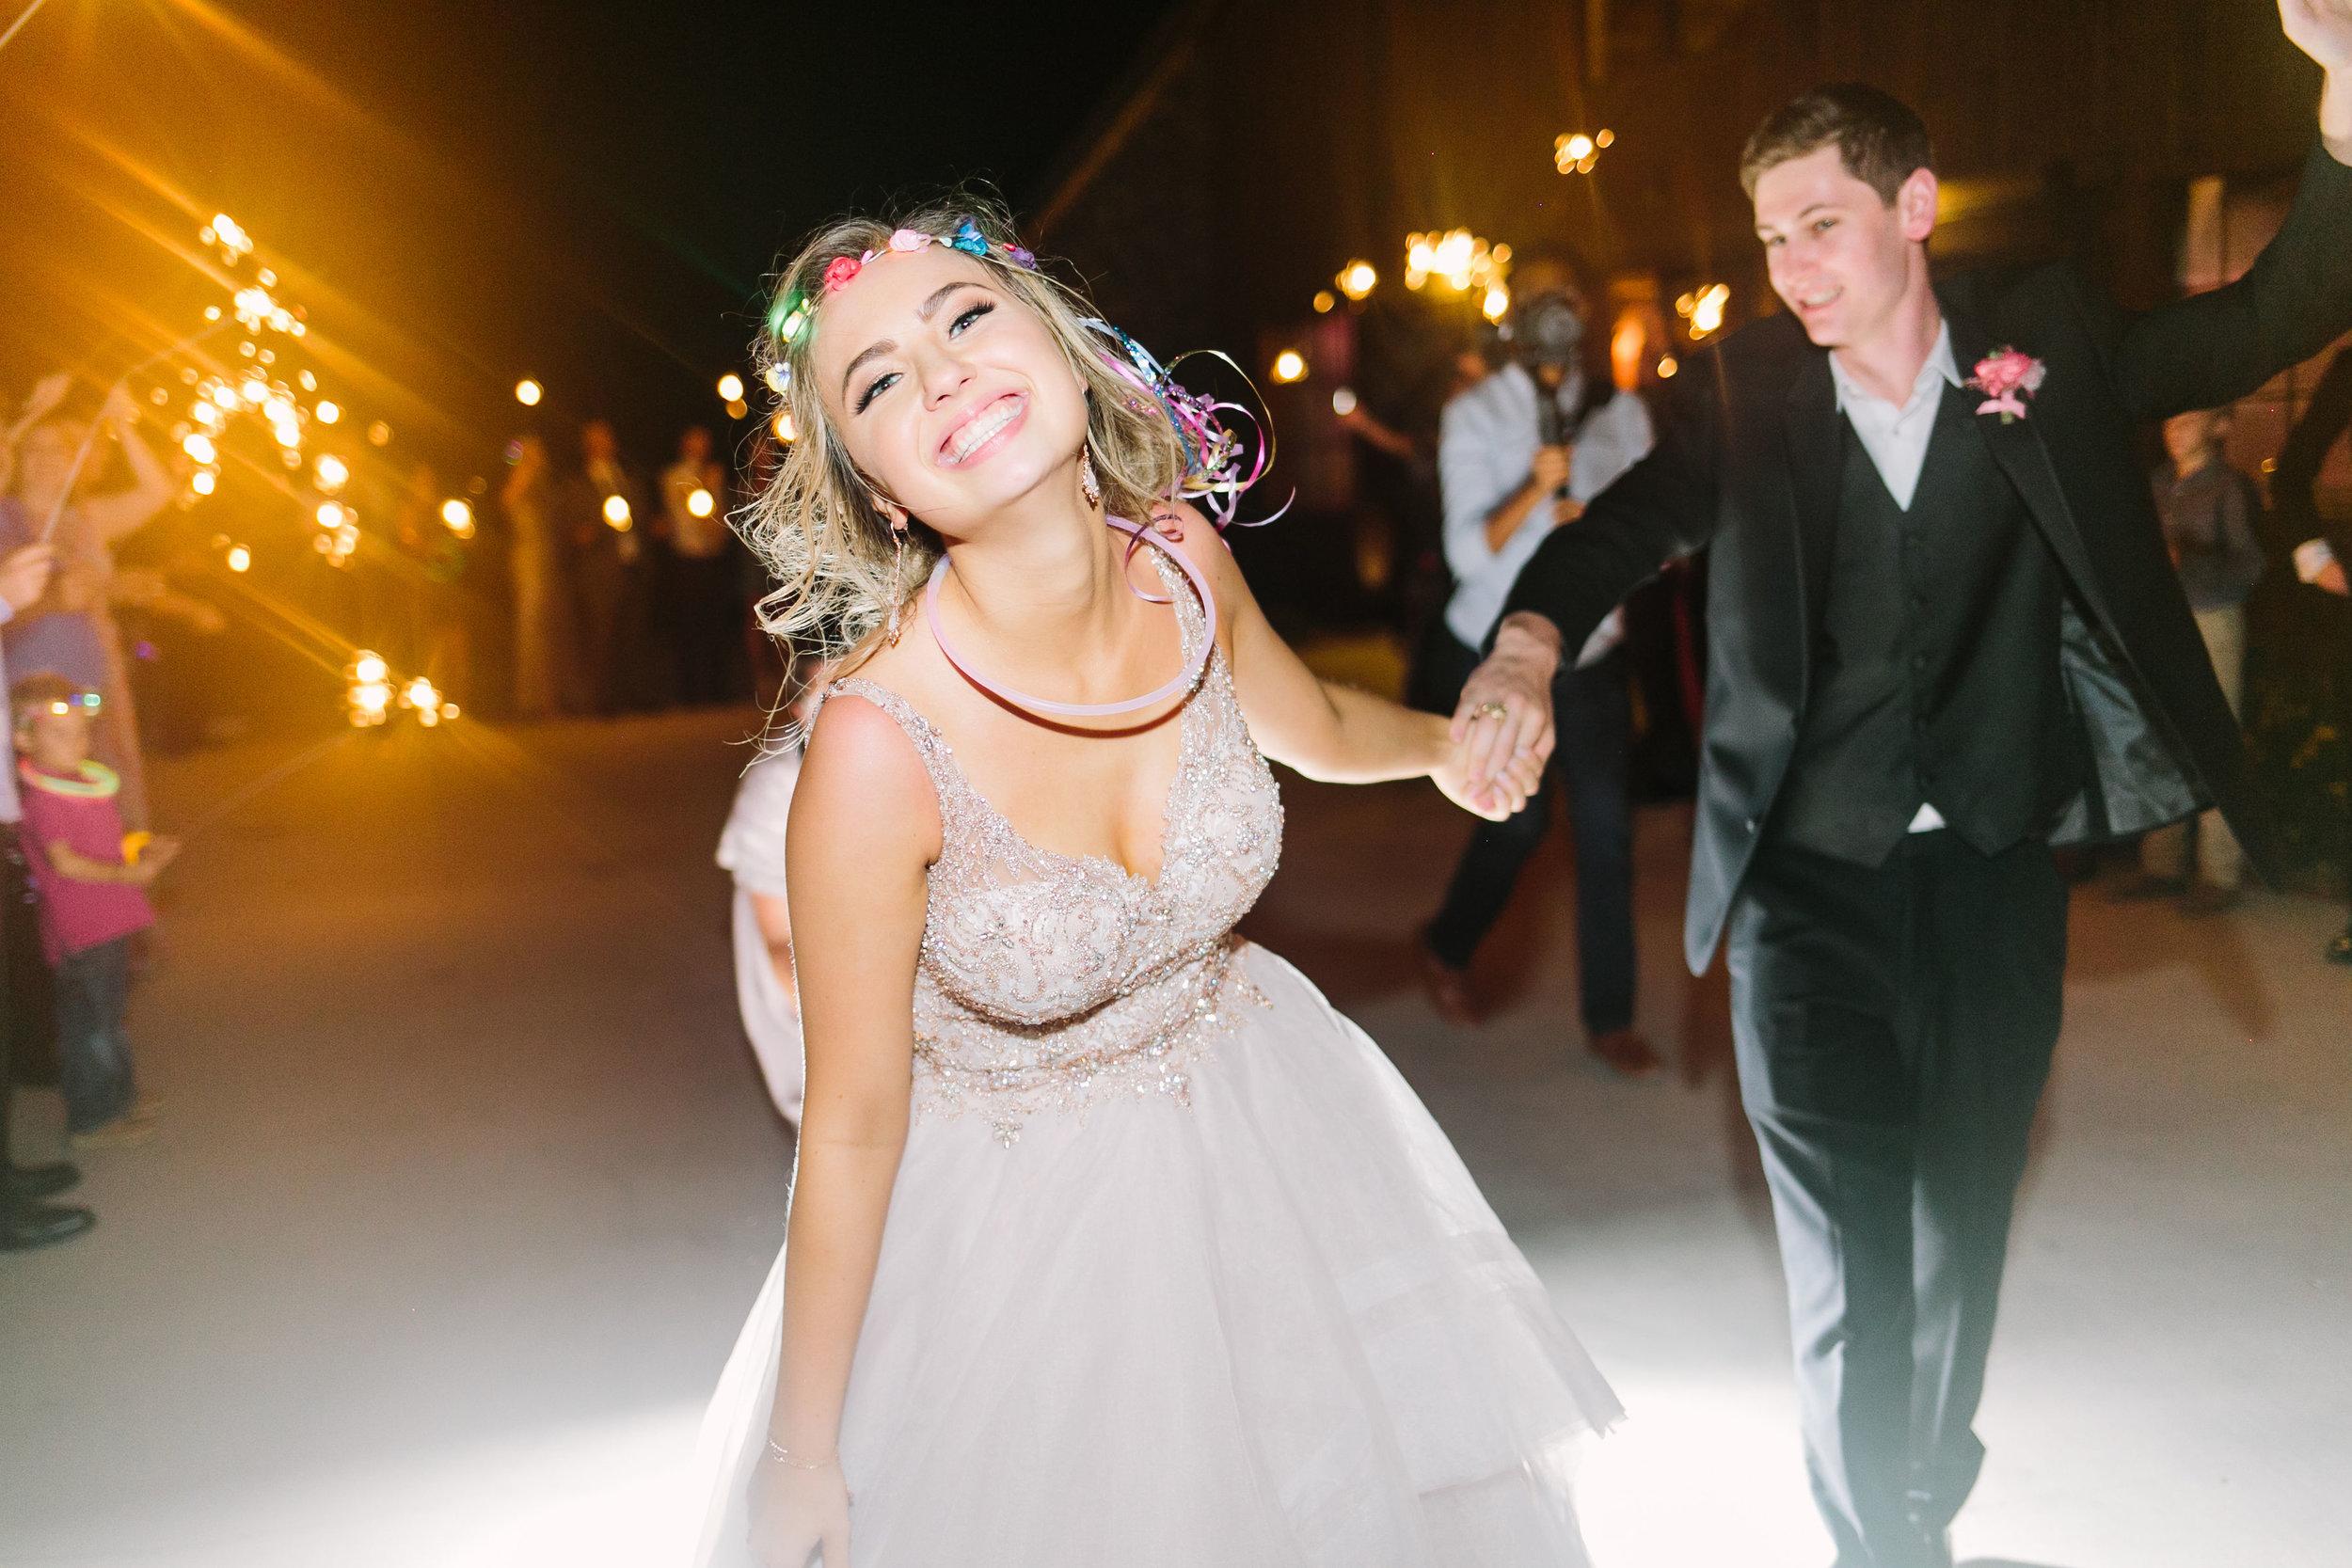 Wedding_816.JPG